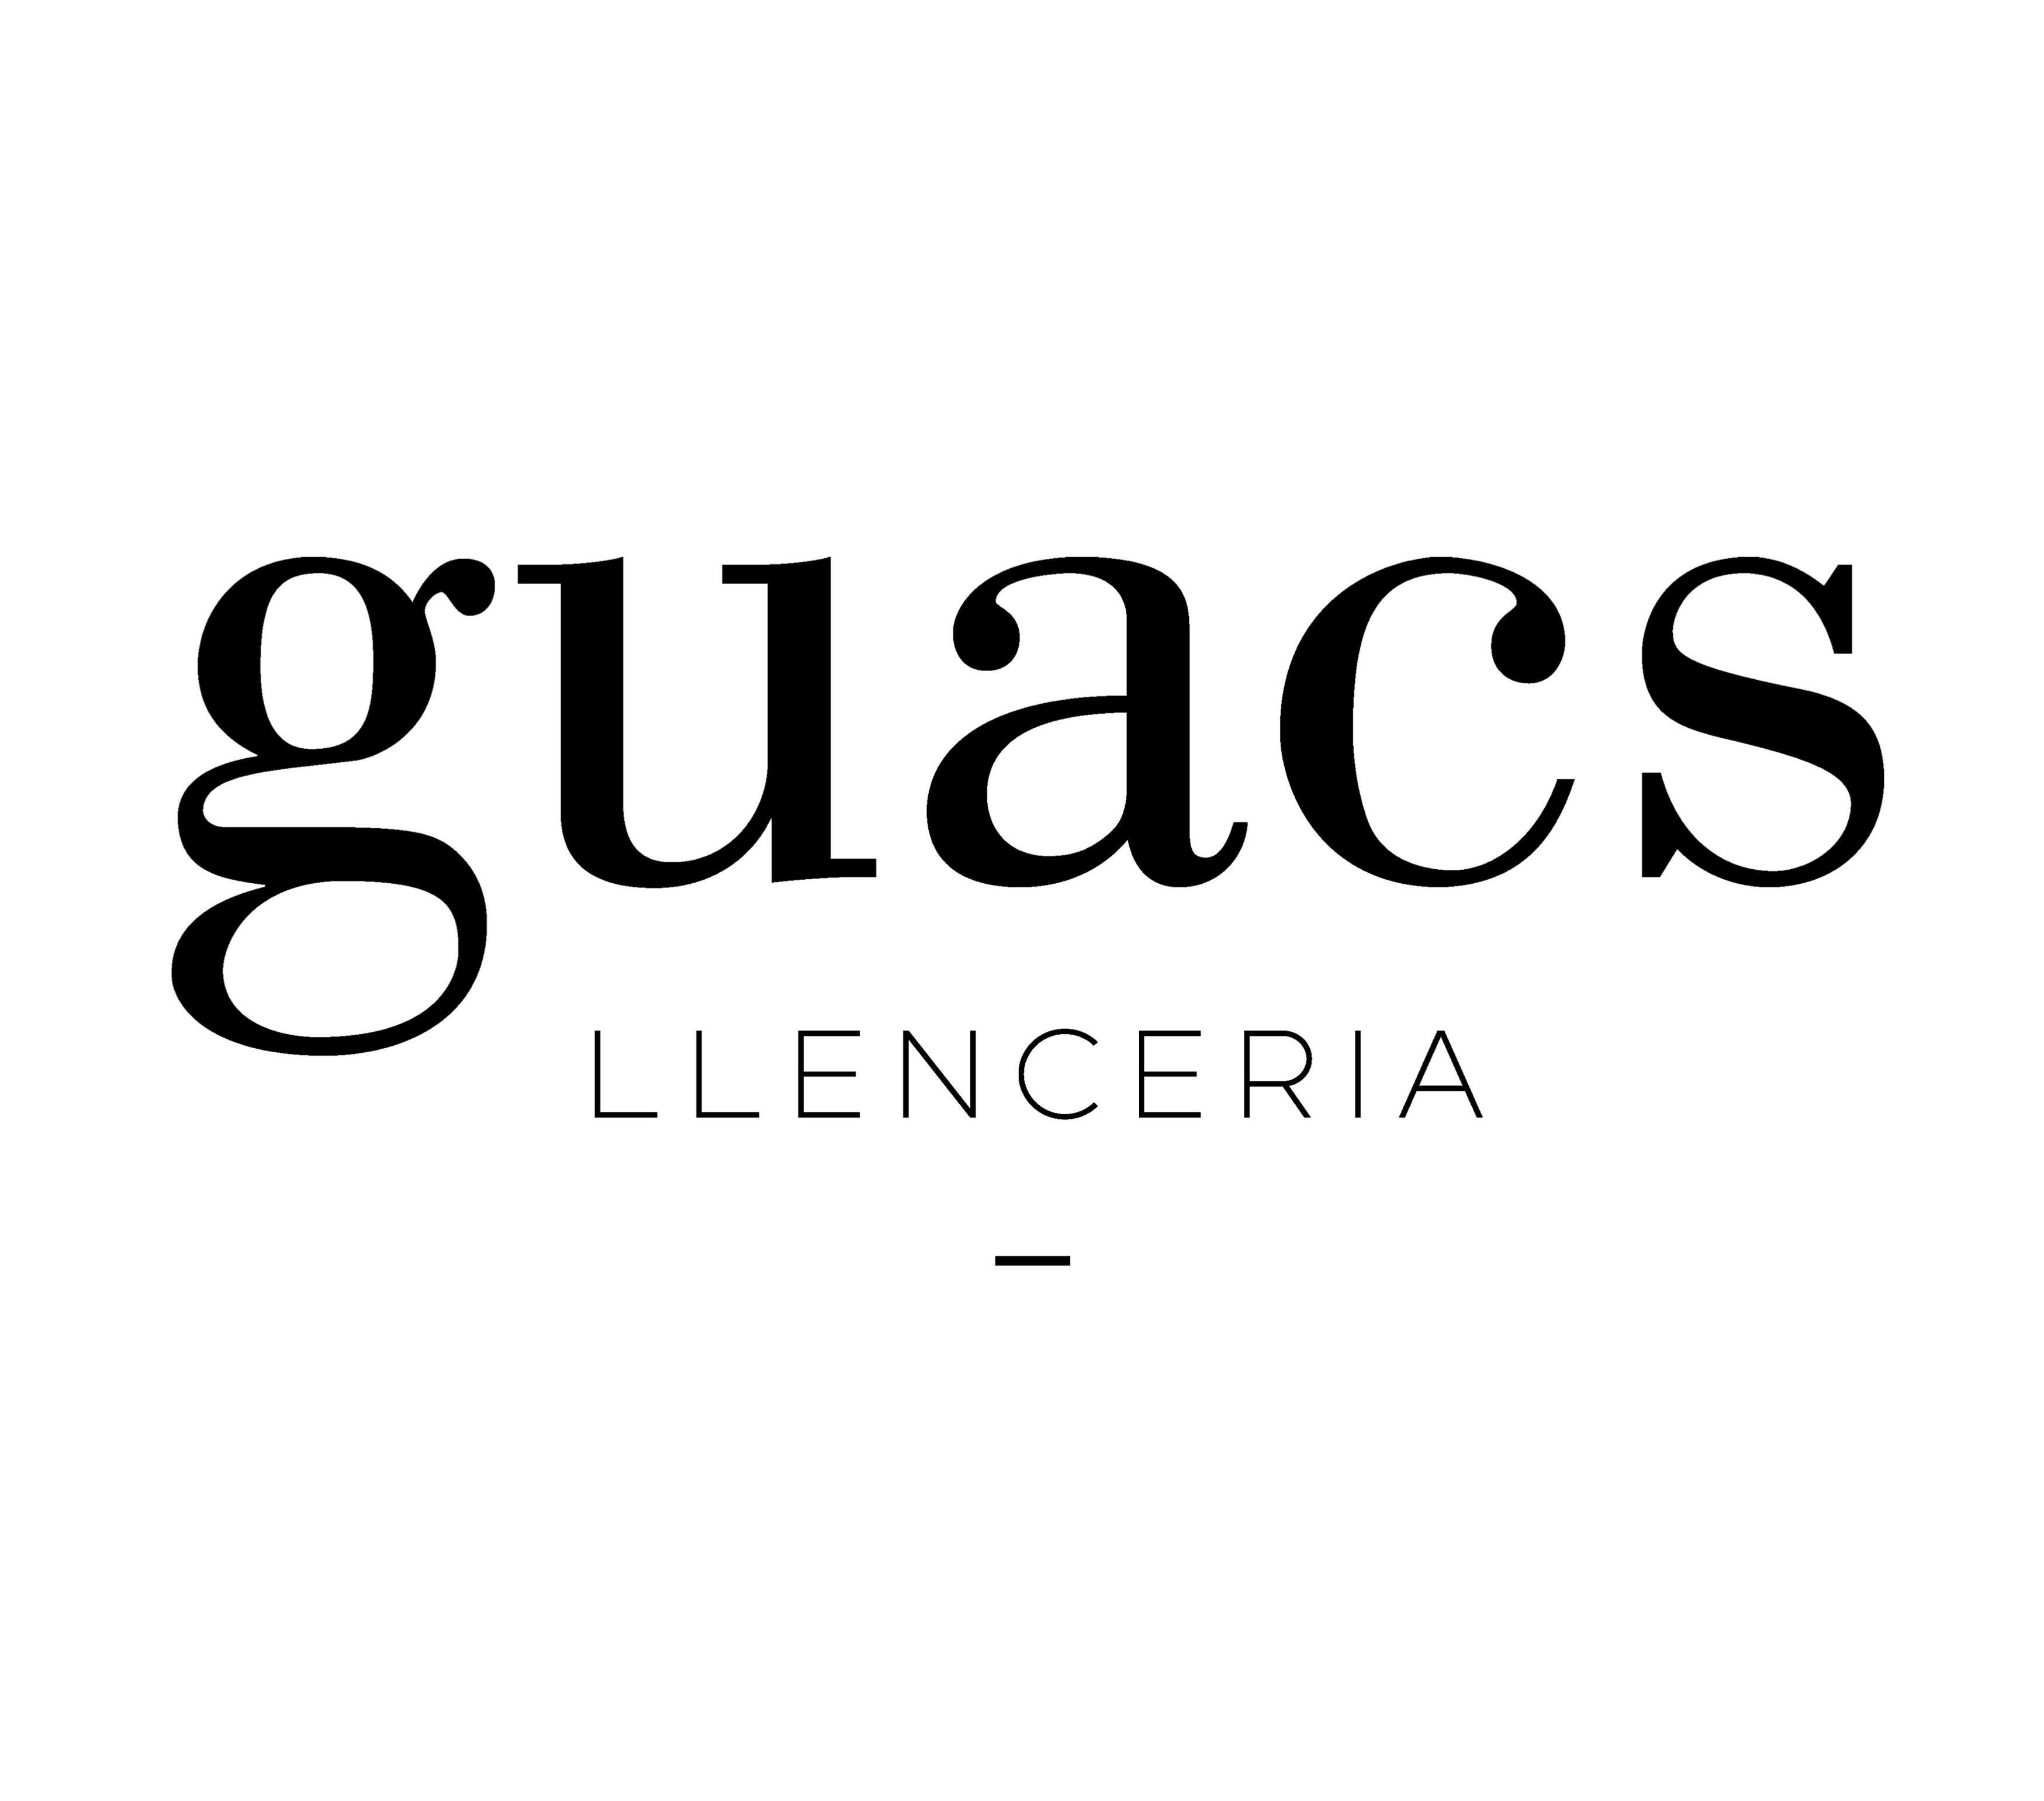 guacs logo